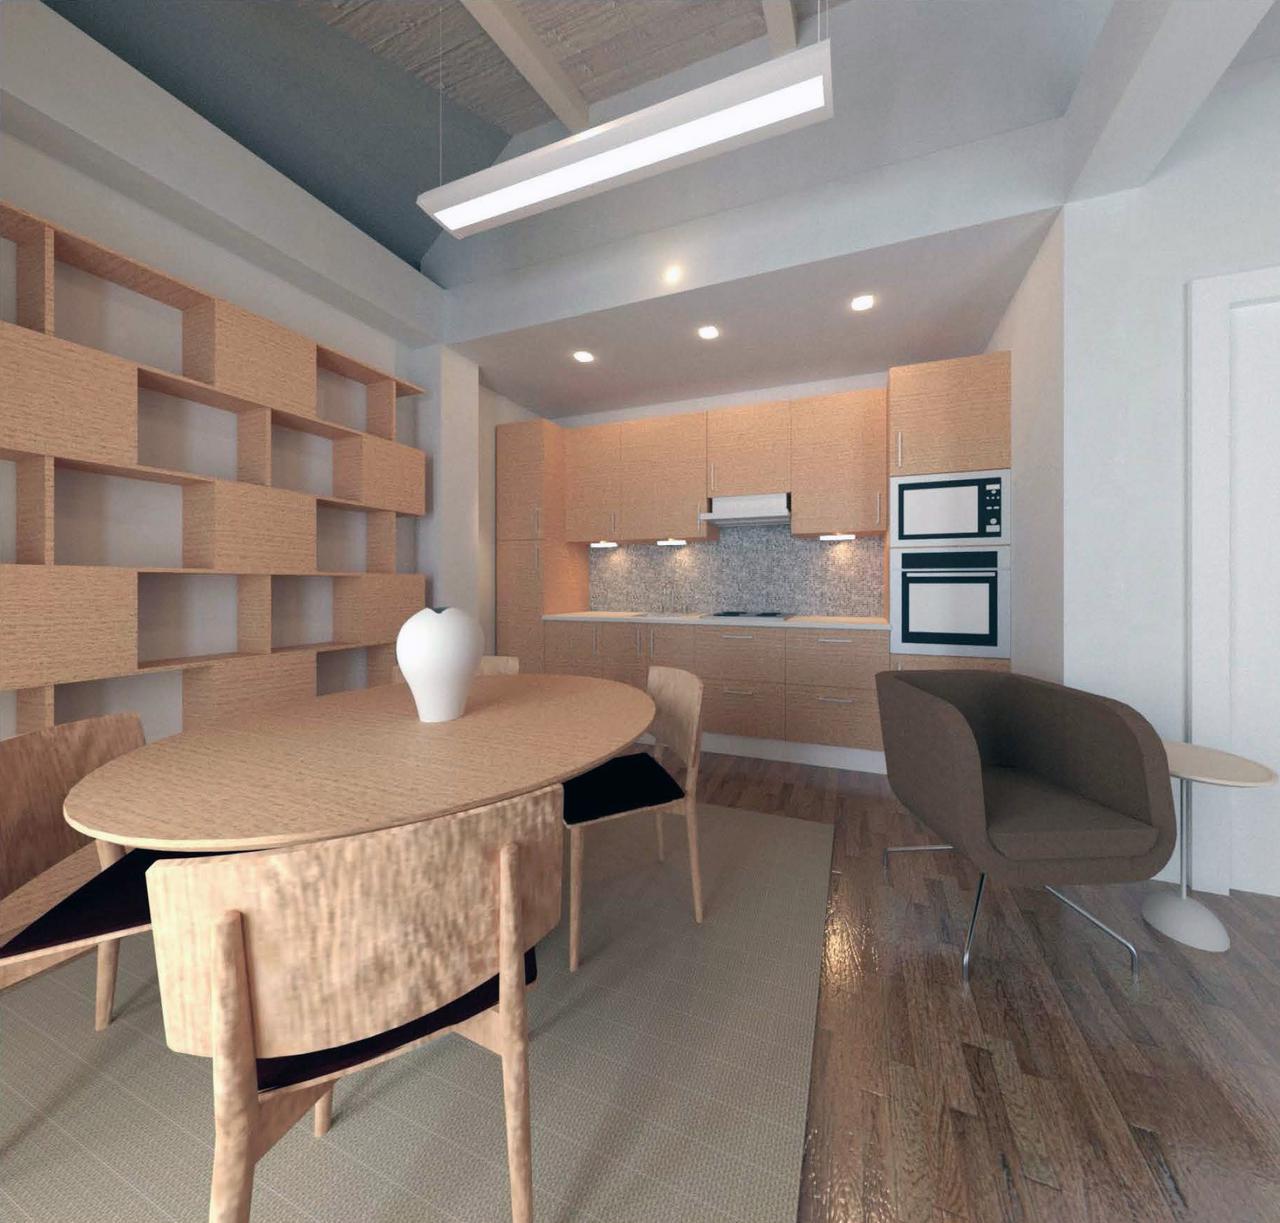 lefkada_interiors_attic_dining.jpg